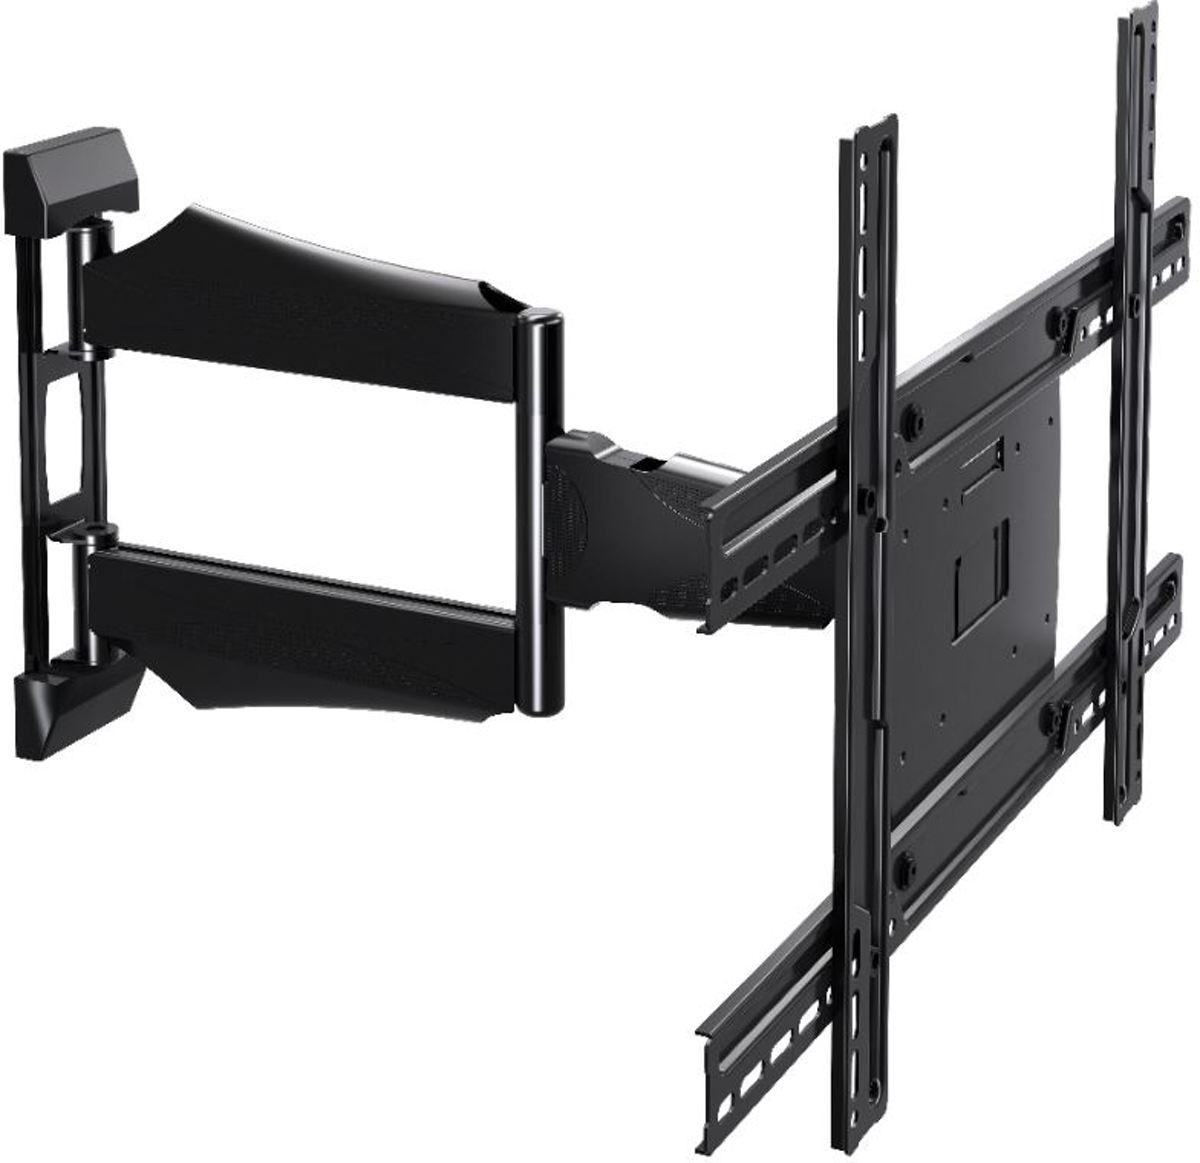 TV muurbeugel voor schermen tot 70 inch kopen